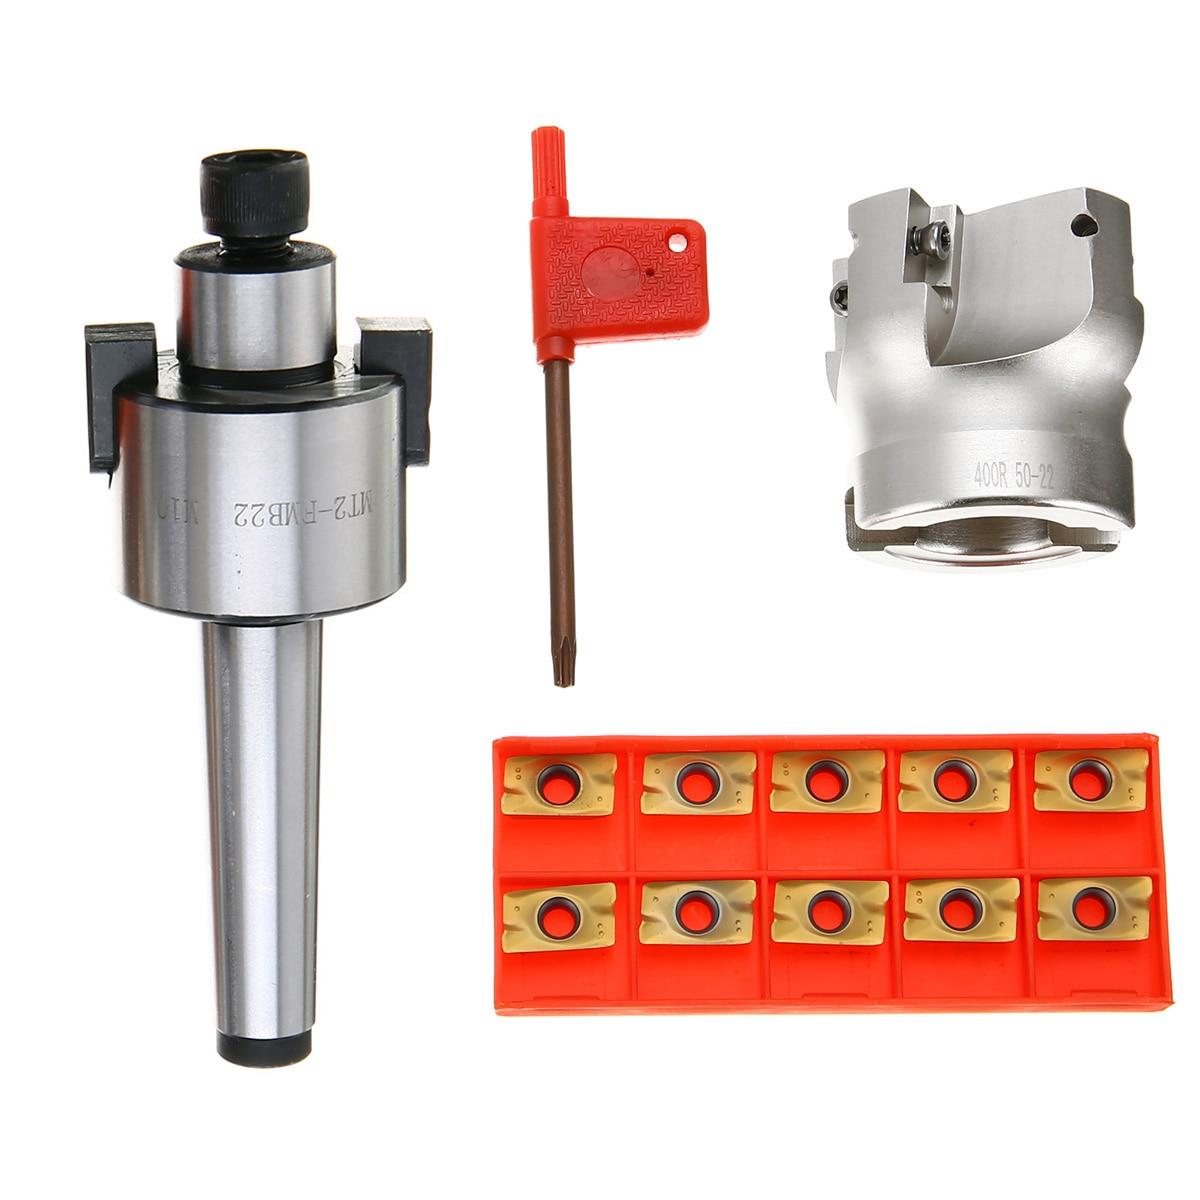 1 ensemble En Métal Outils de Coupe De Fraisage MT2 400R 50mm Visage Fraise + 10 pièces APMT1604 Carbure Inserts avec Clé